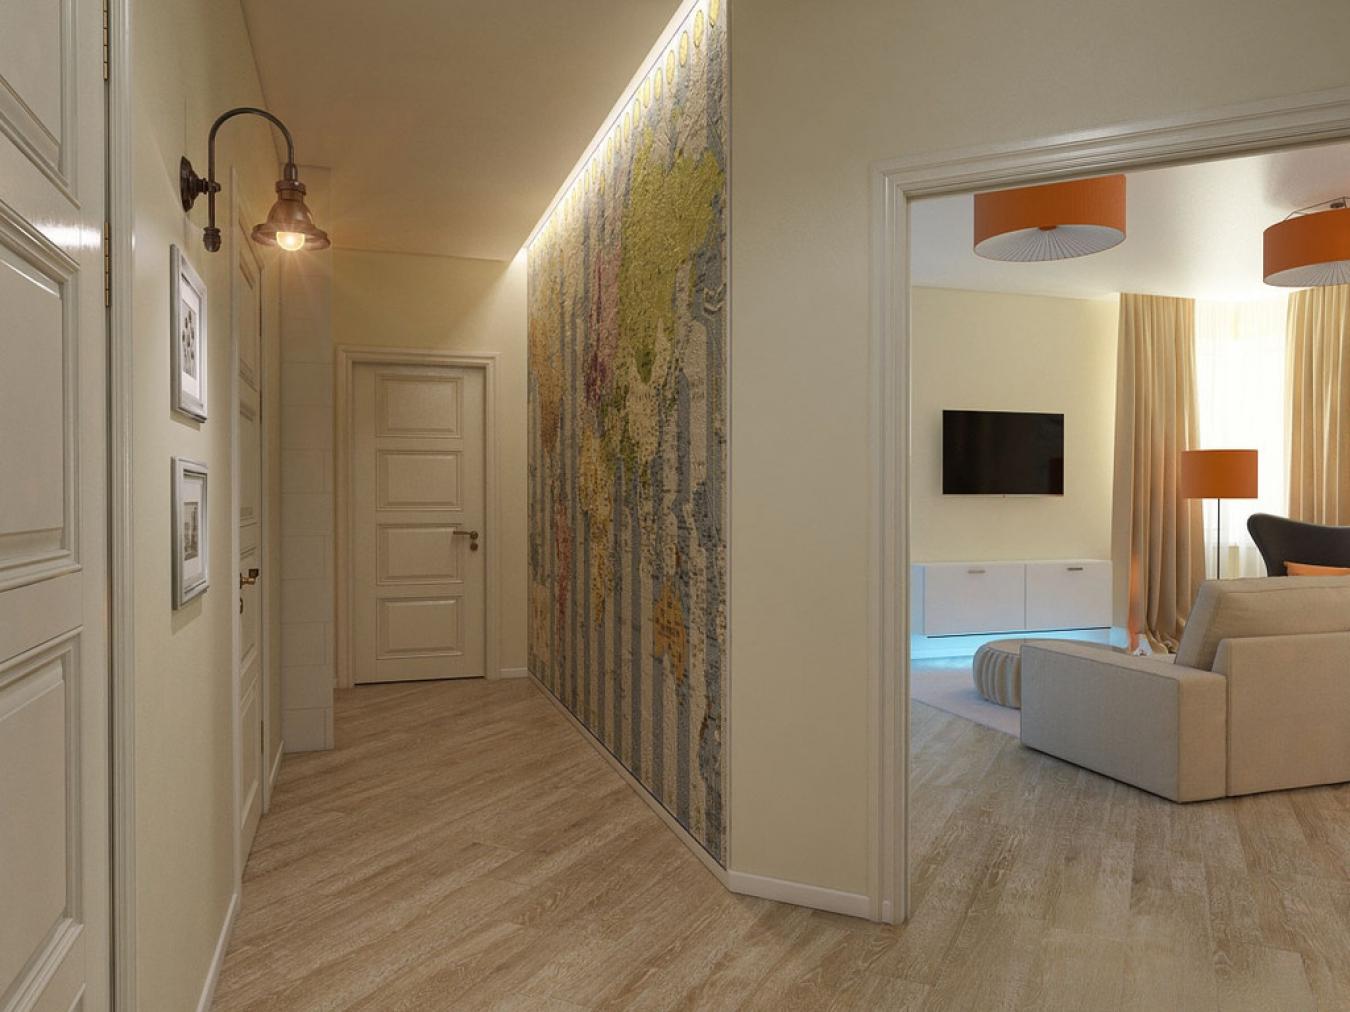 Дизайн длинного коридора, 96 фото ЭтотДом